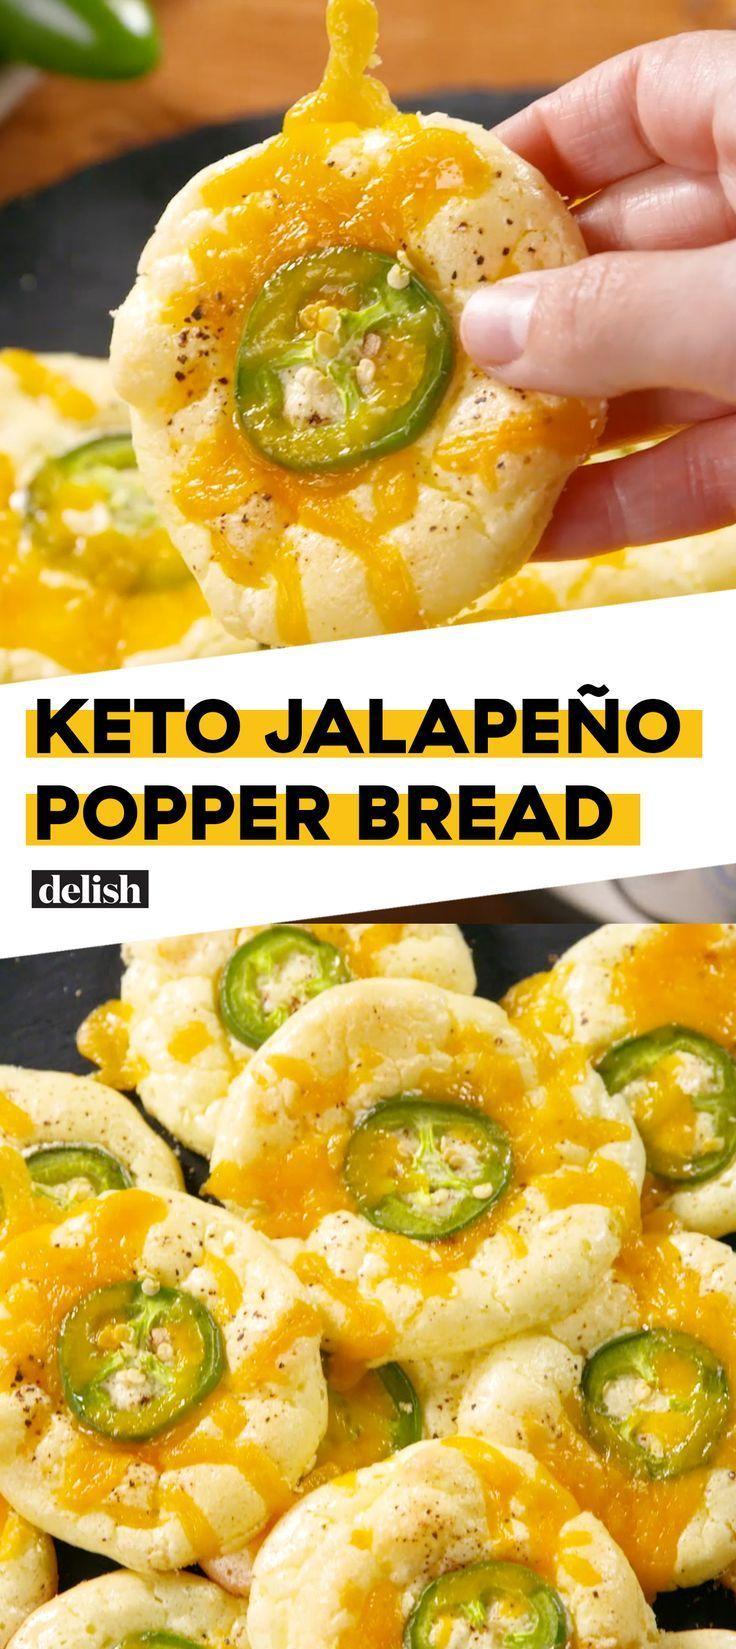 Dies ist die keto-freundliche Art, Jalapeño Poppers zu essen. Holen Sie sich das Rezept bei Delish …